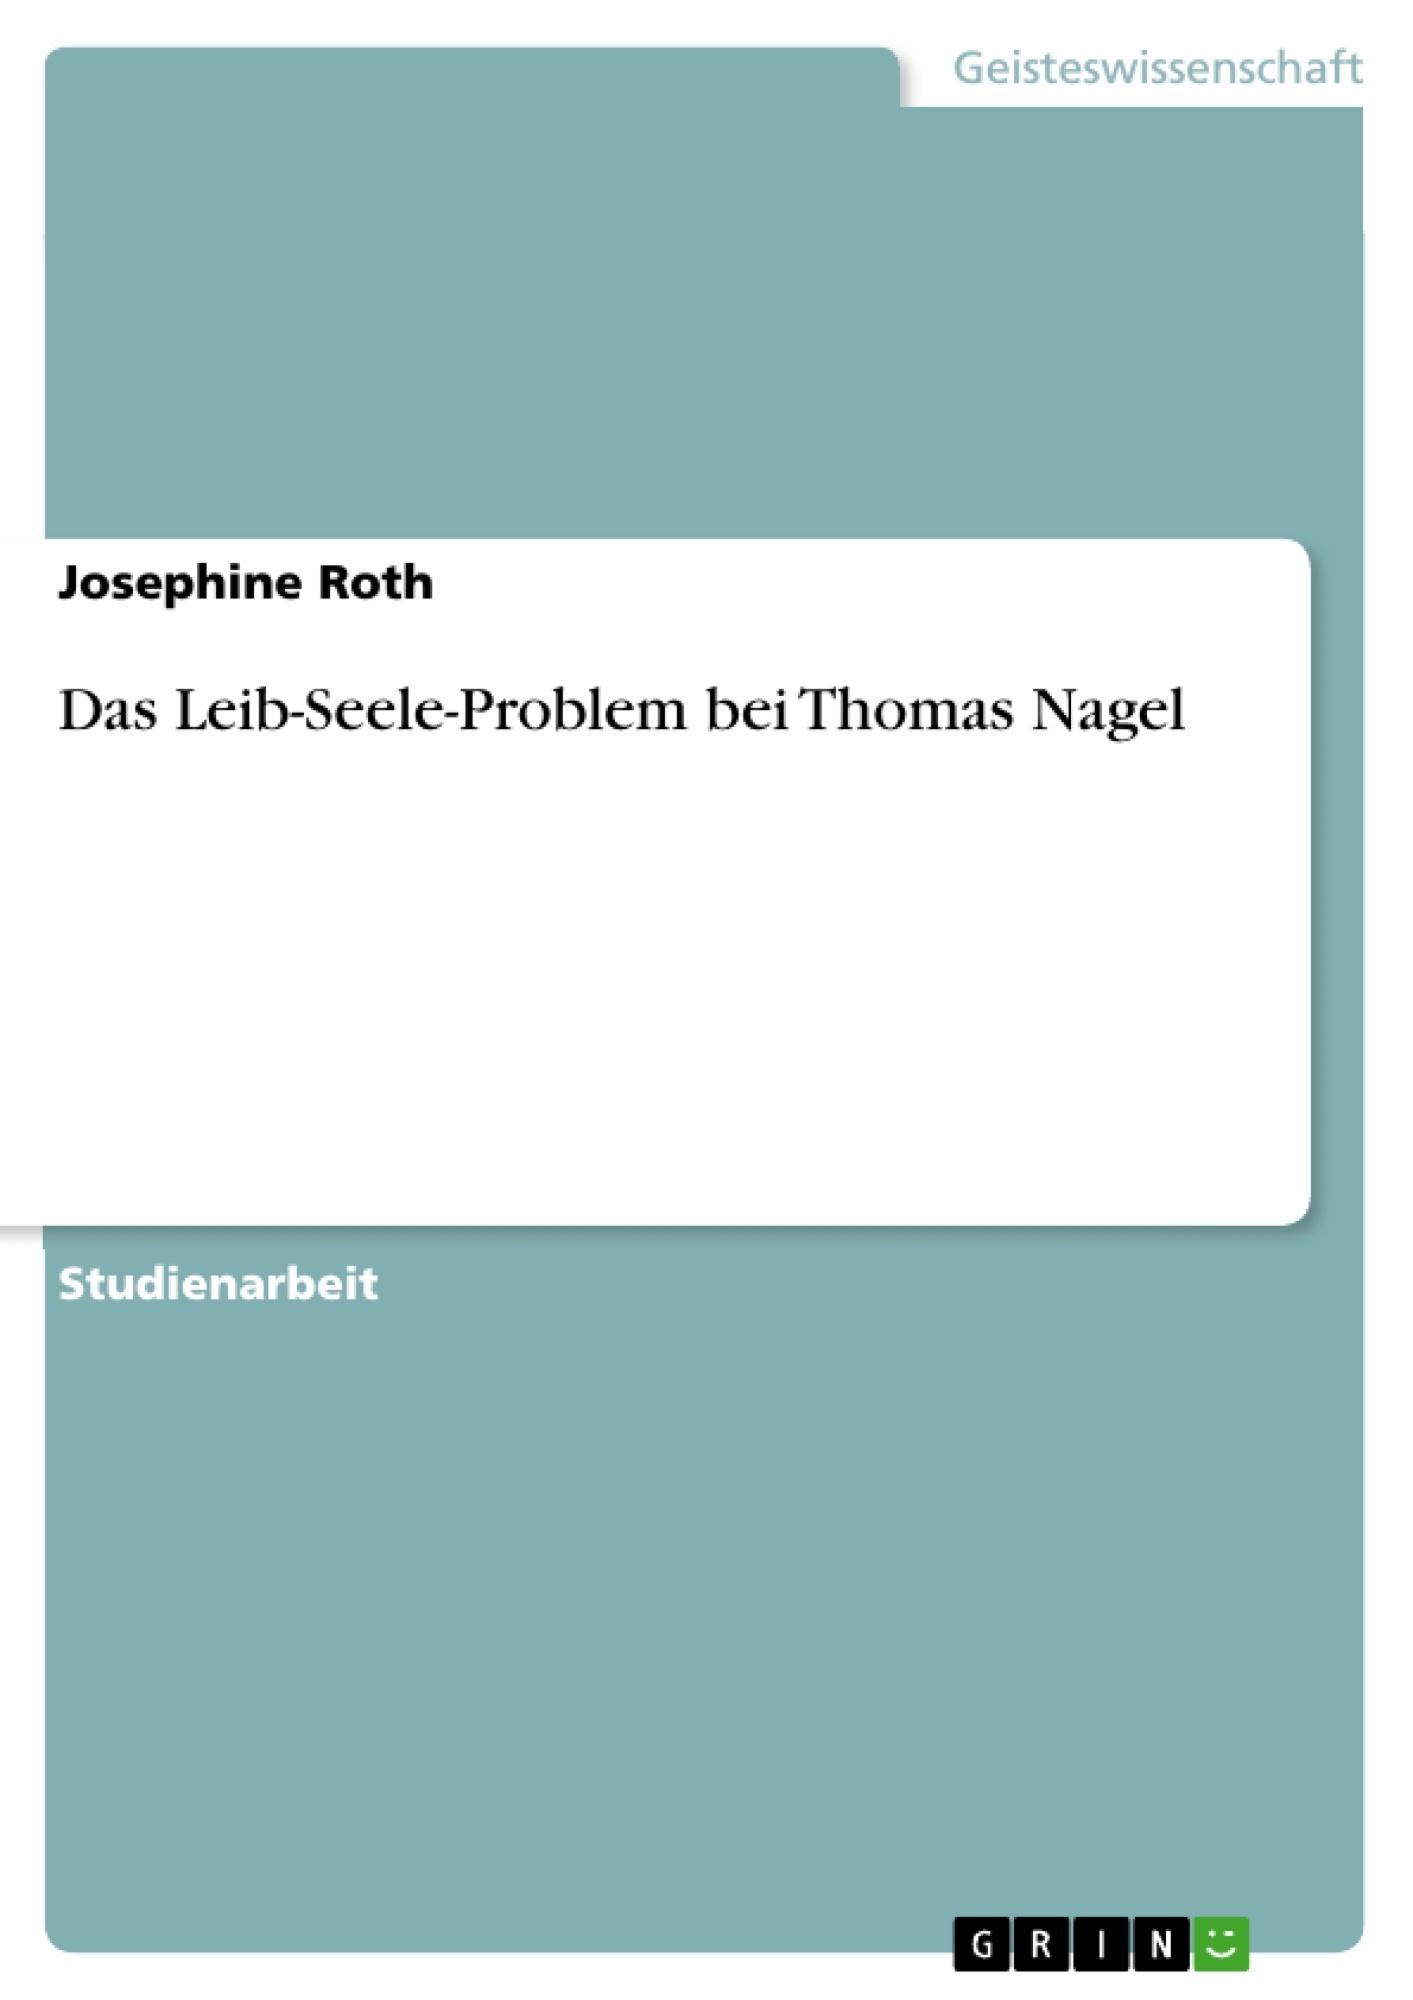 Titel: Das Leib-Seele-Problem bei Thomas Nagel